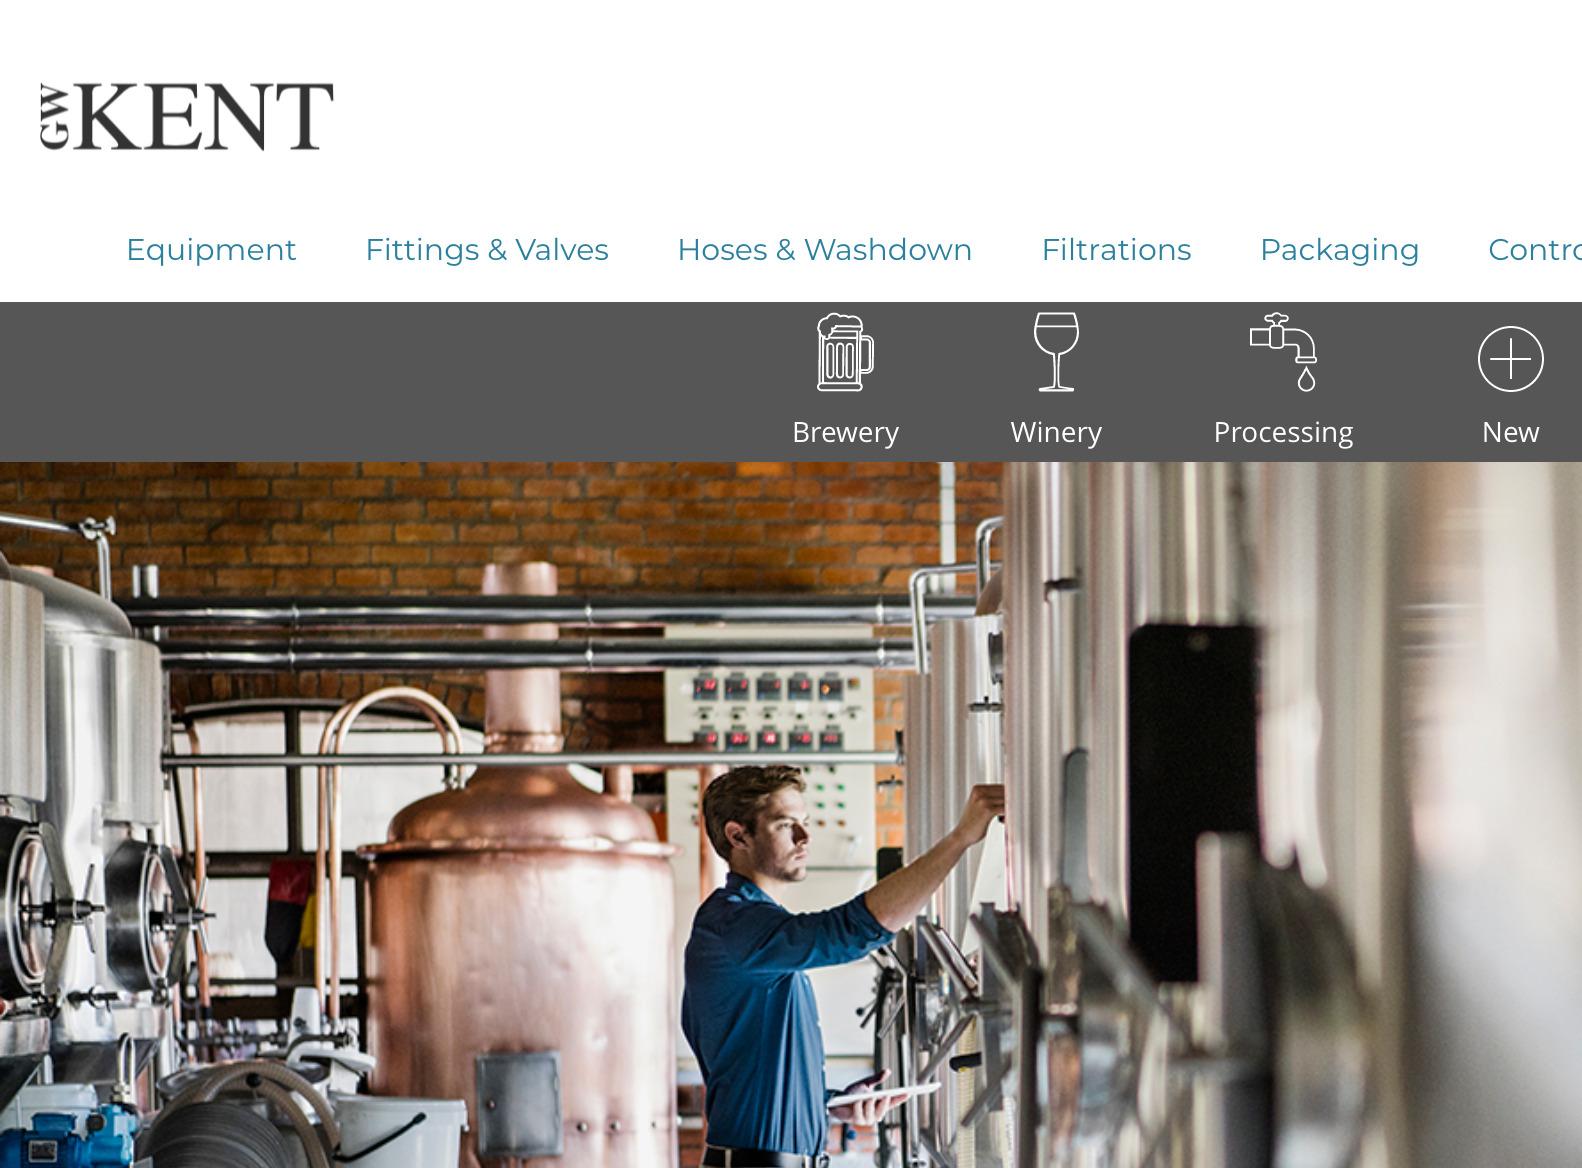 Screenshot_2019-01-10 GW Kent Commercial Brewing Equipment Wine Making Supplies.jpg